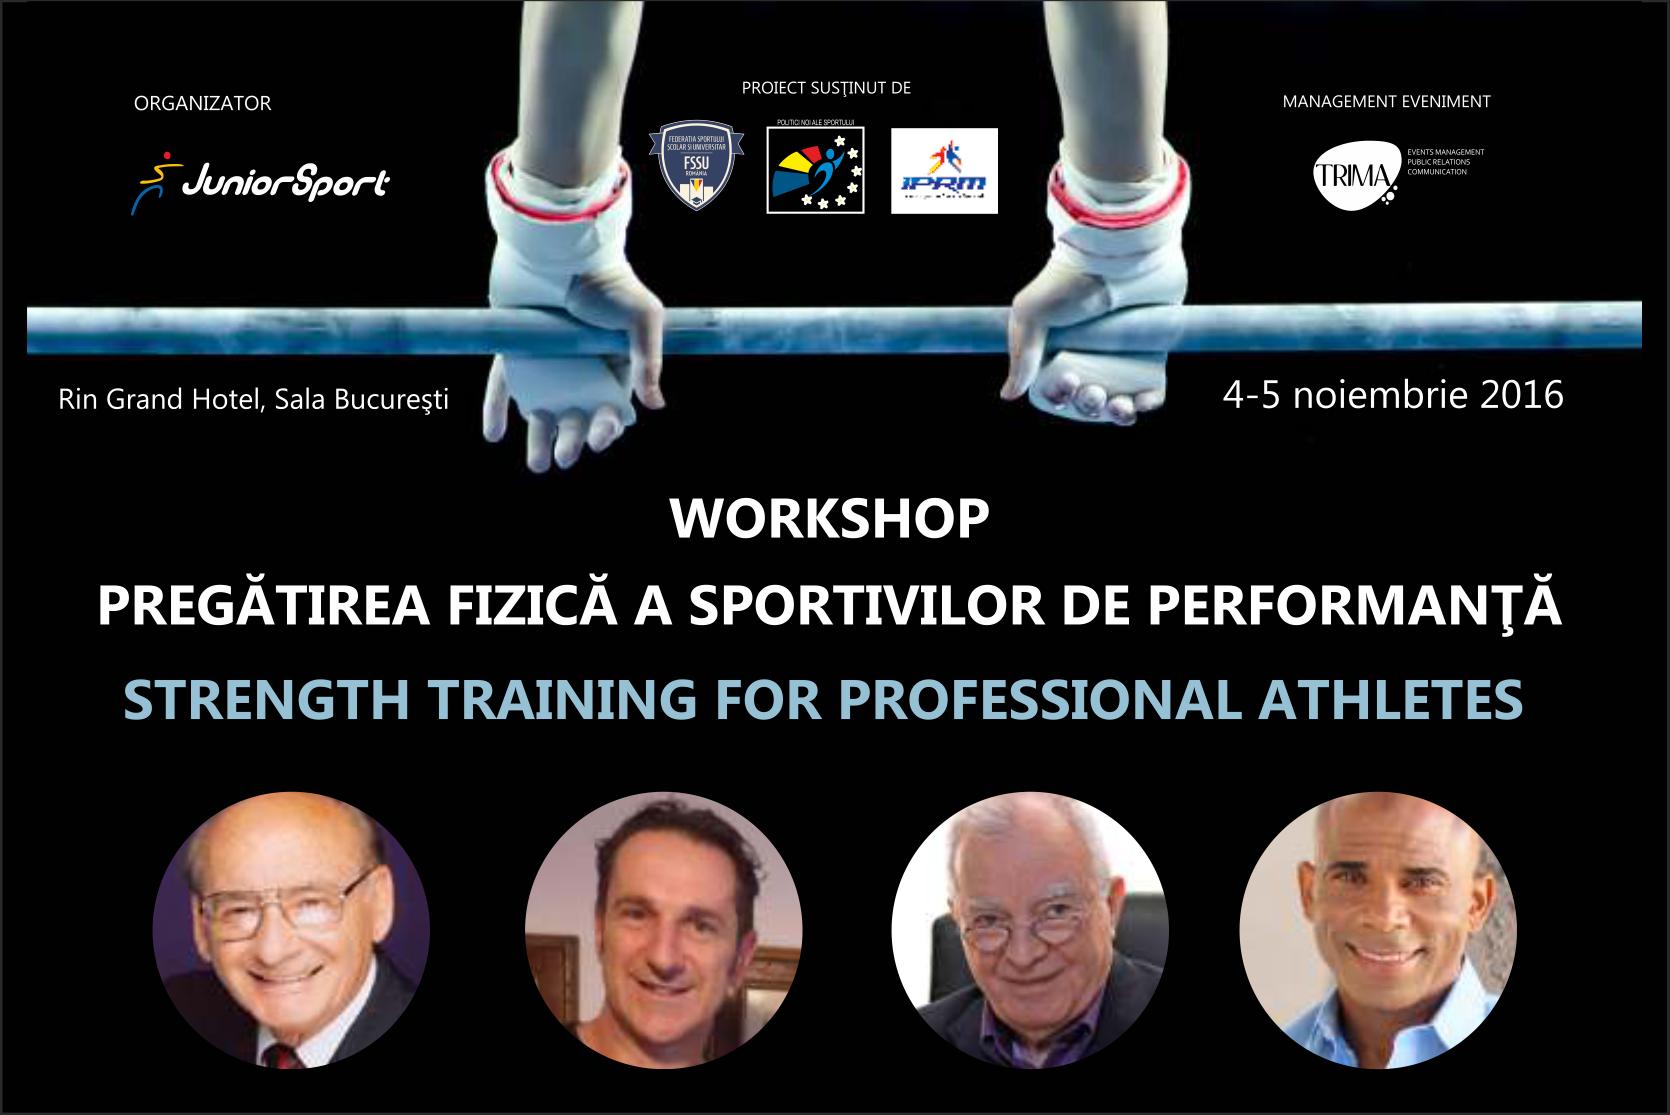 Pregătirea Fizică a Sportivilor De Performanţă